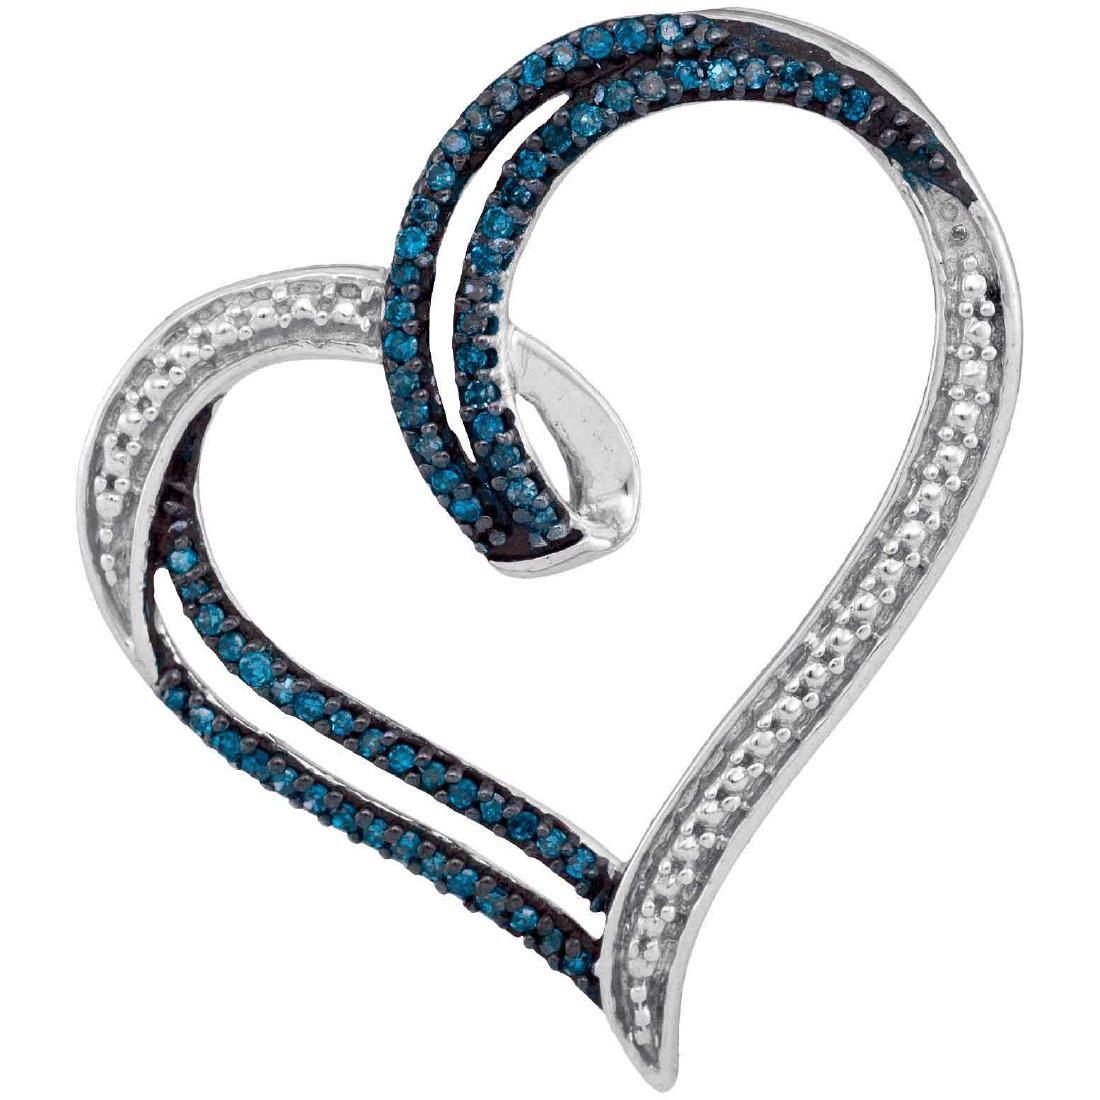 0.22 CTW Blue Color Diamond Heart Outline Pendant 10KT